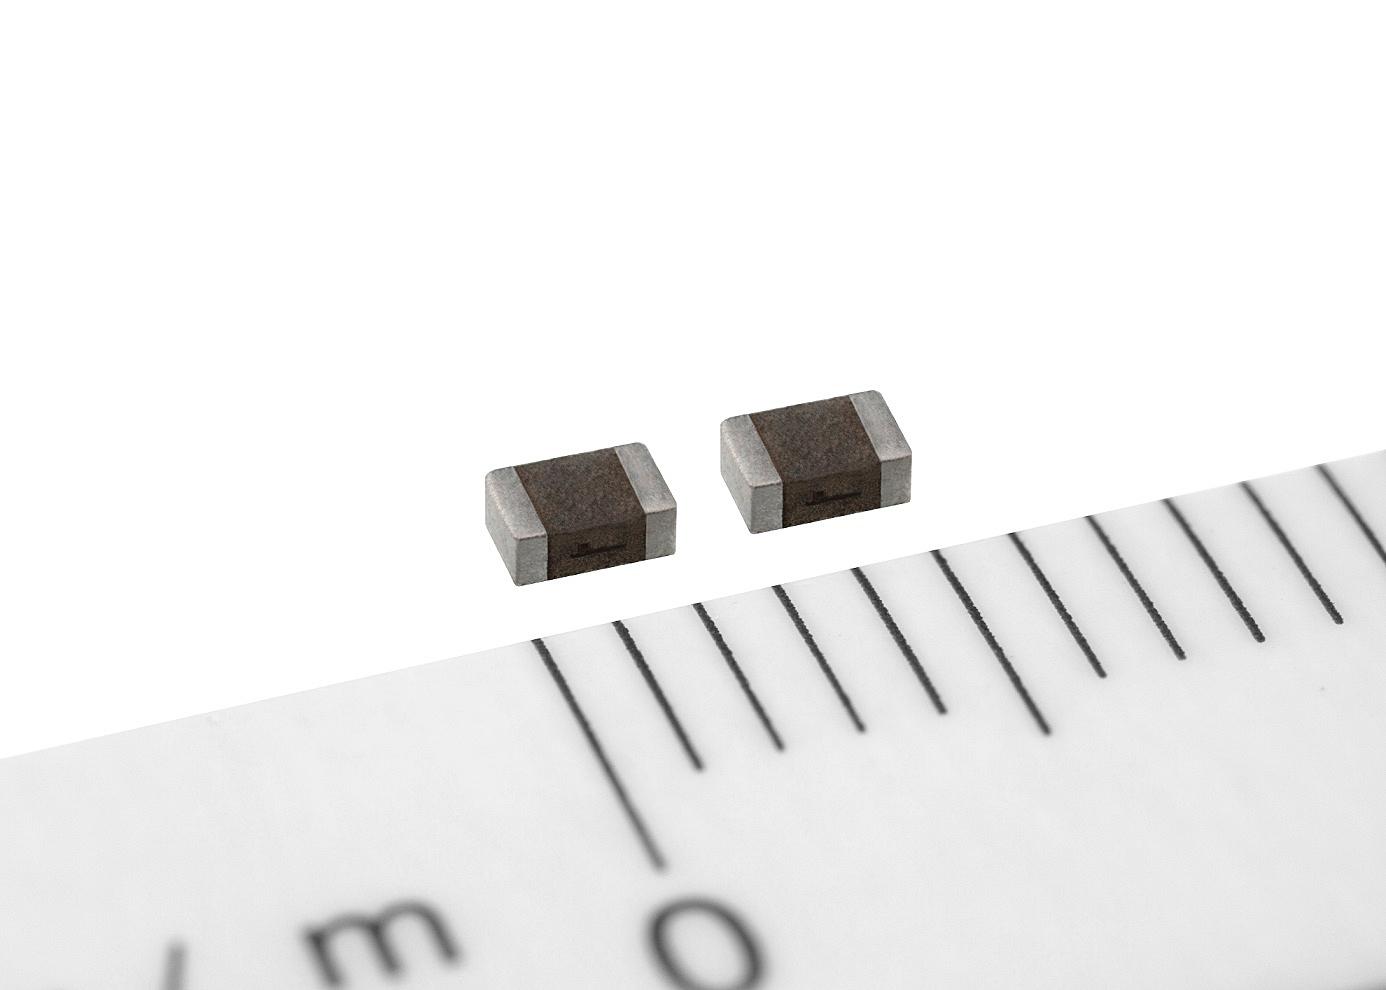 2012サイズの車載機器向け電源インダクター (出所:TDK)